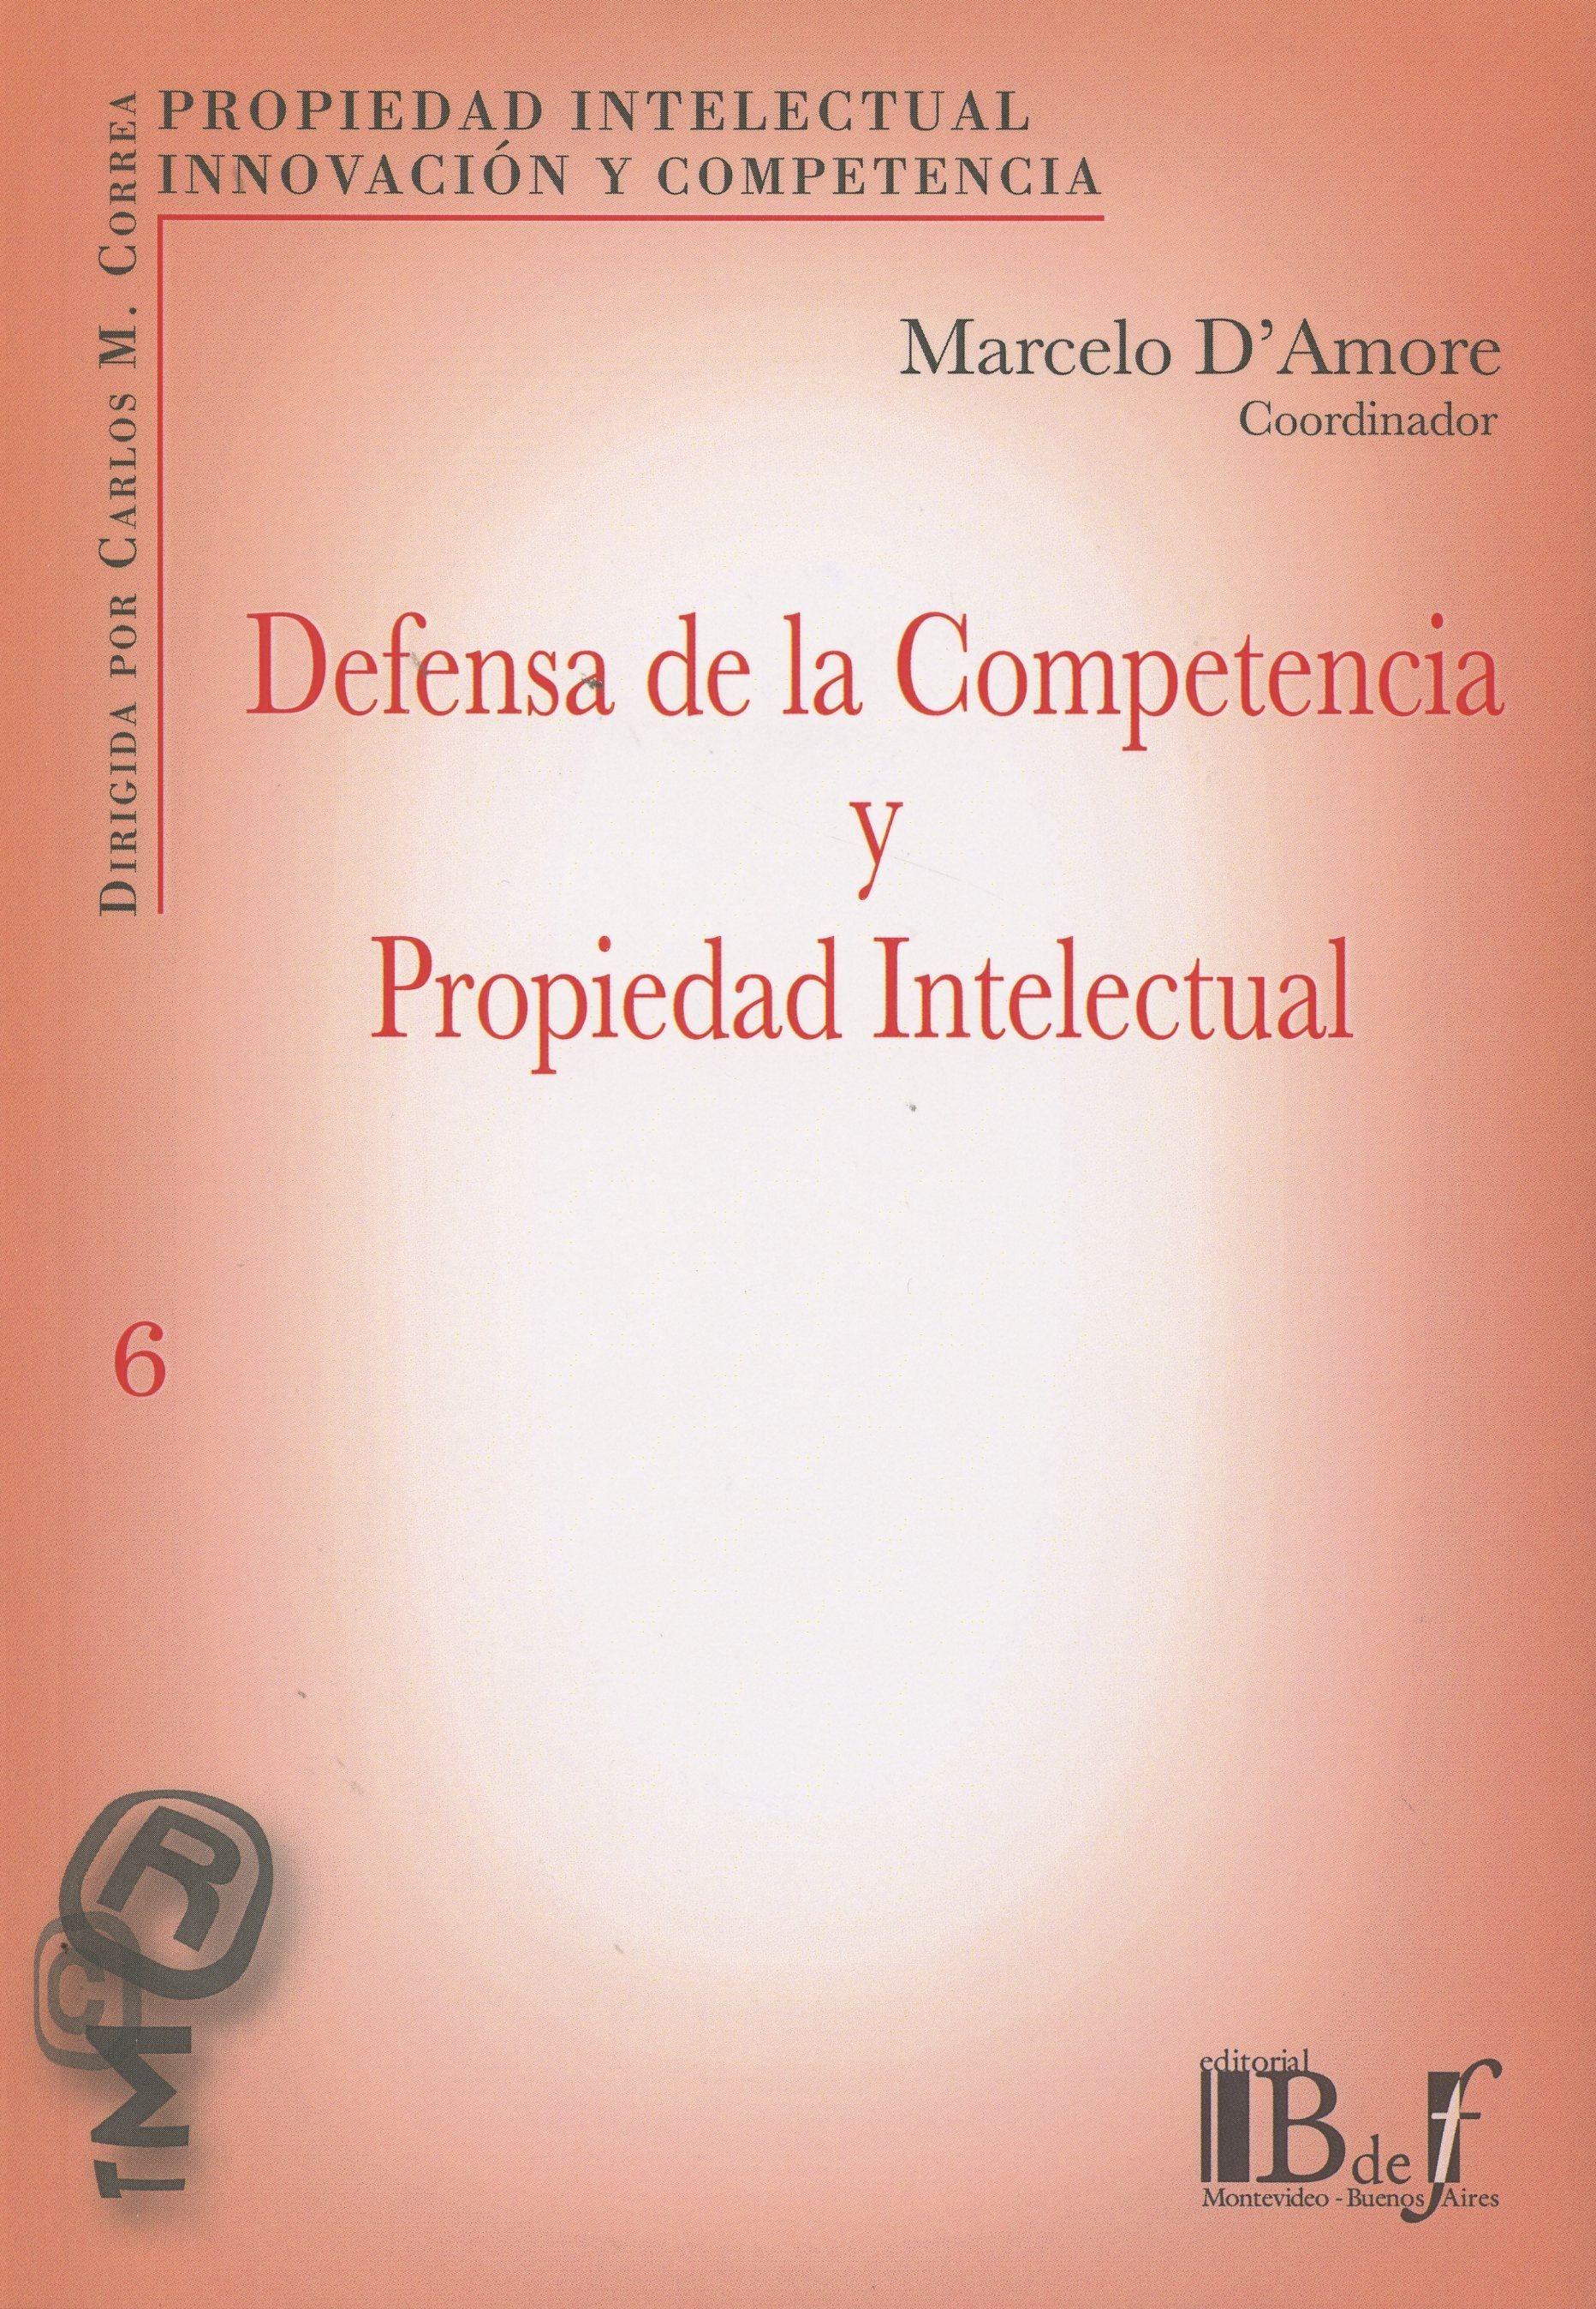 Defensa de la competencia y propiedad intelectual.    B de F, 2015